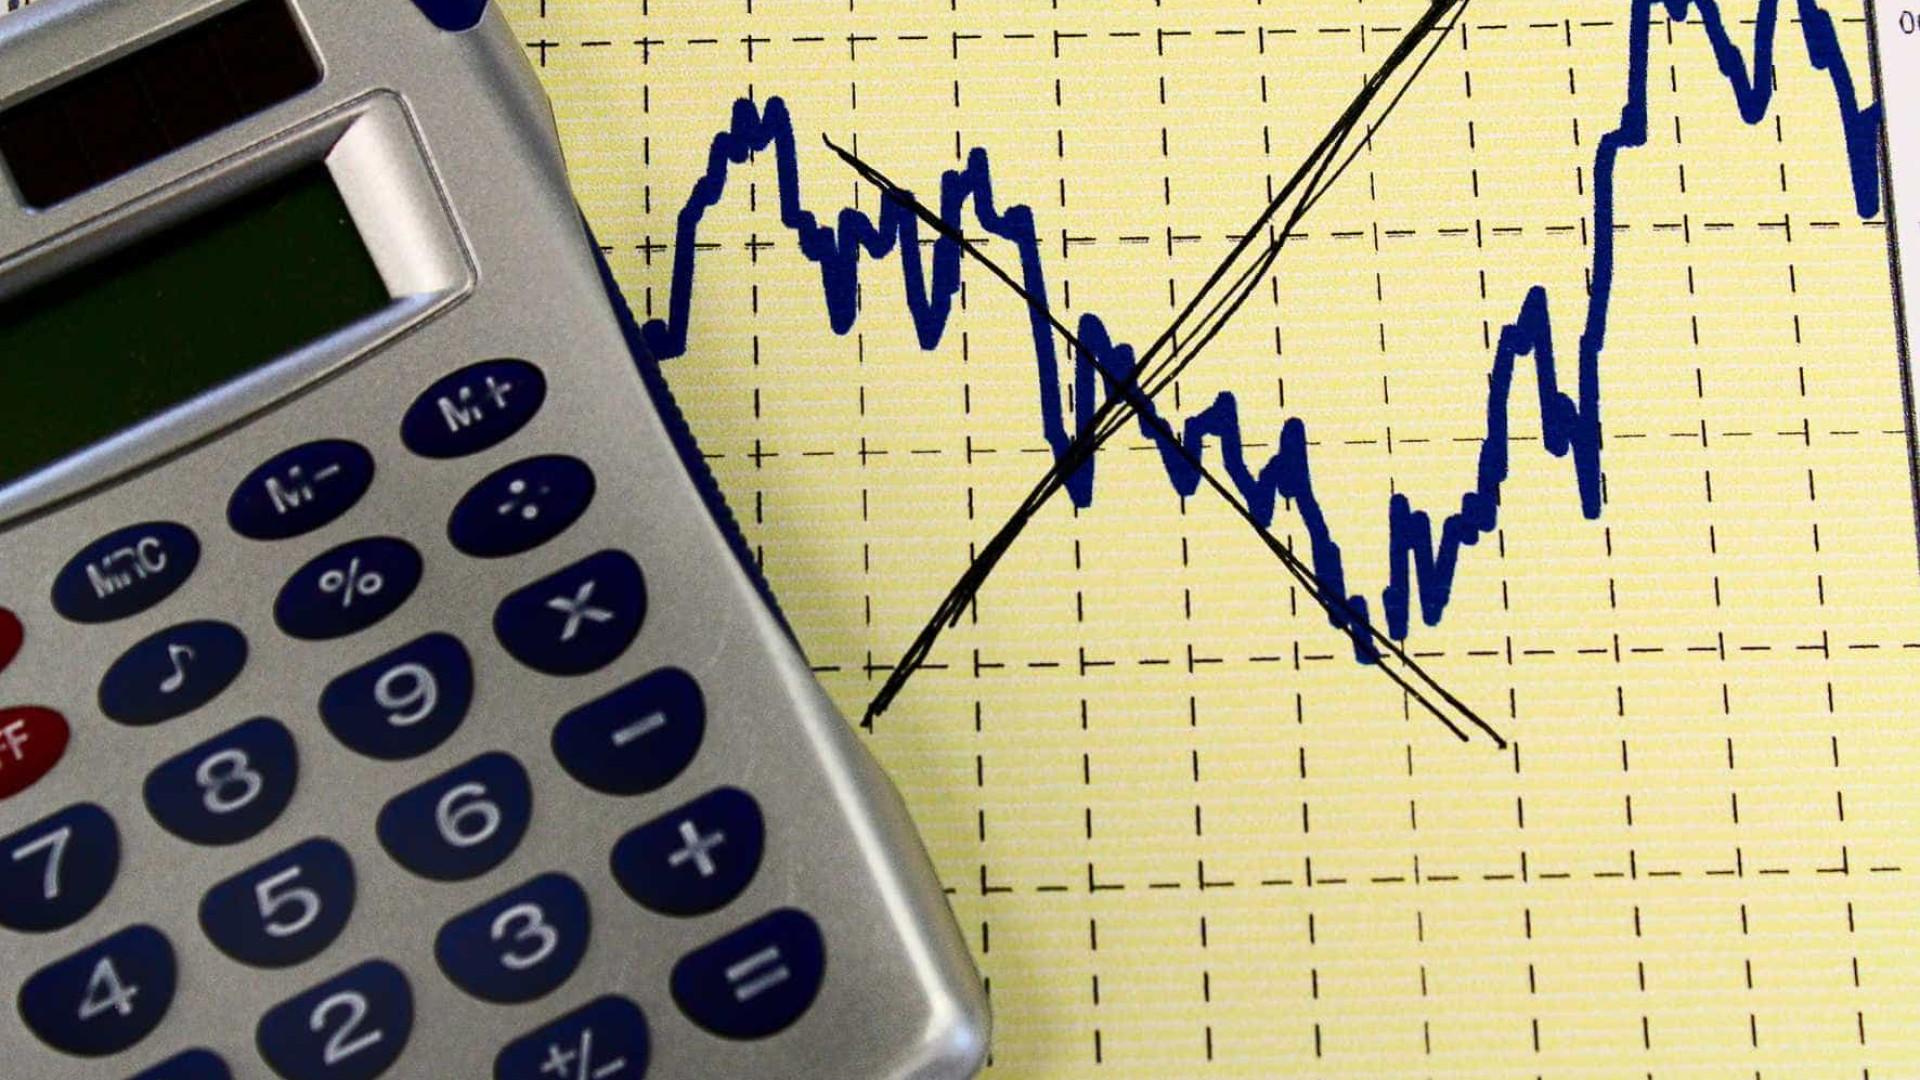 Inflação medida pelo IGP-DI registra 1,79% em setembro